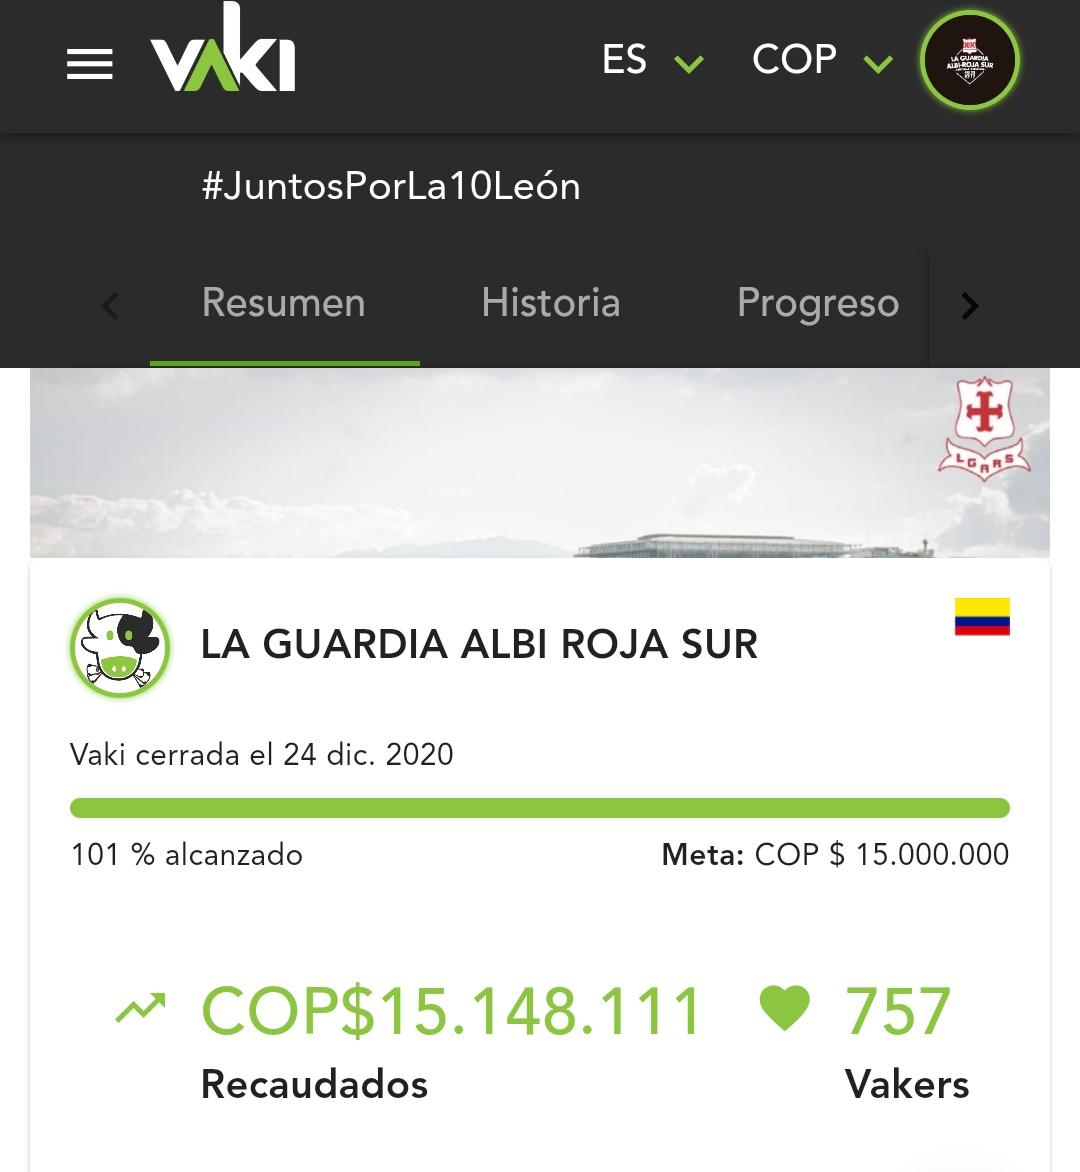 La barra popular de Santa Fe lideró una campaña de donación que sobrepasó los 15 millones de pesos. Imagen: @lgars_oficial.